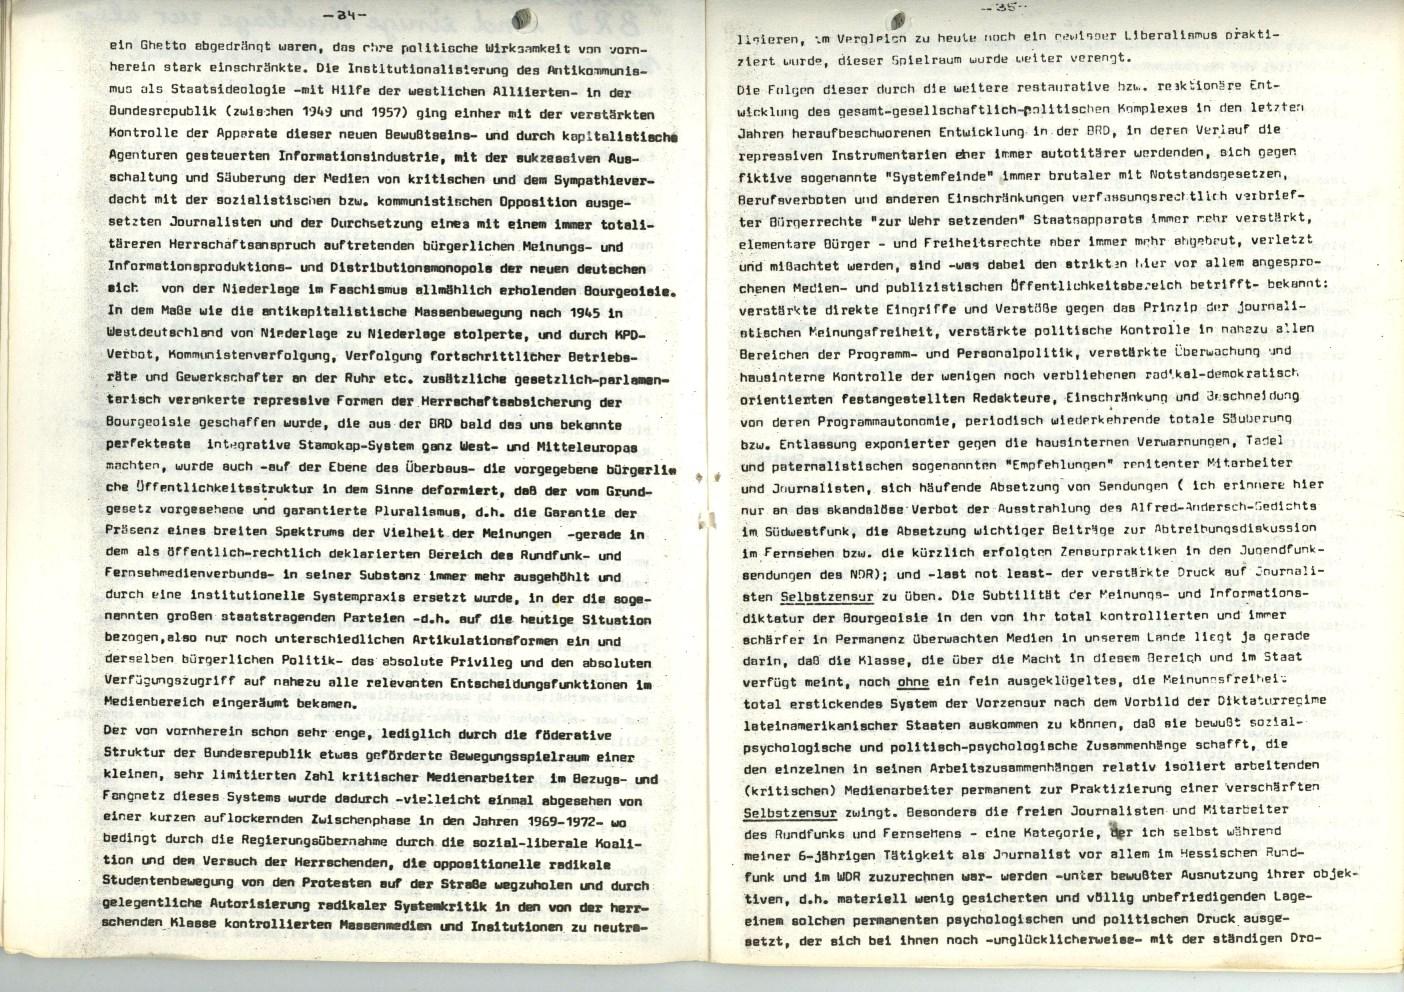 Hamburg_Vorbereitungsgruppe_Russell_Tribunal_Zensur_1978_18